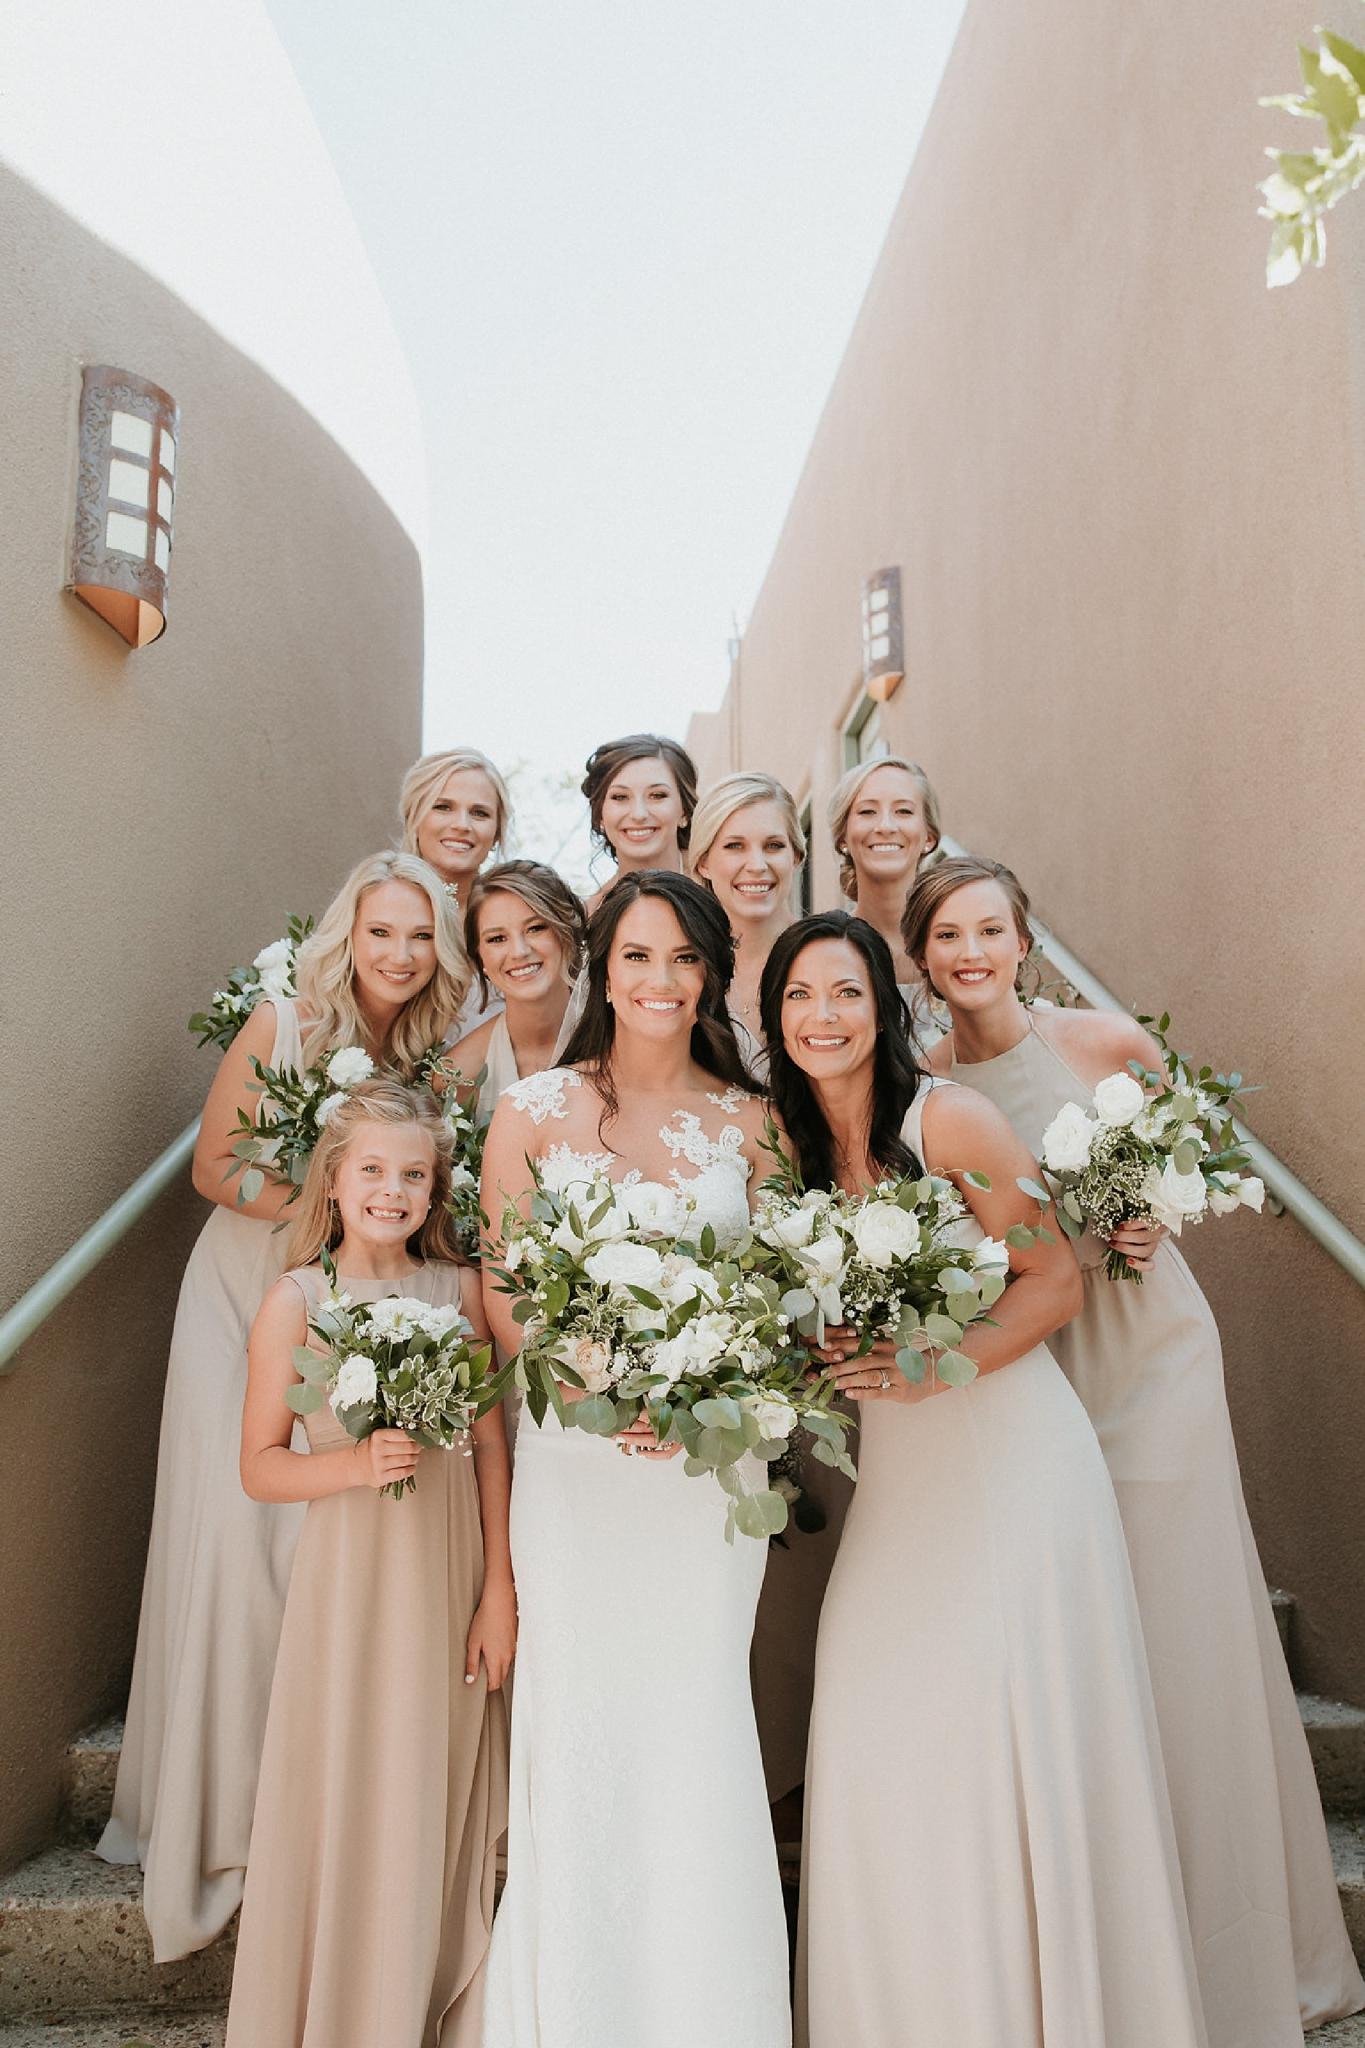 Alicia+lucia+photography+-+albuquerque+wedding+photographer+-+santa+fe+wedding+photography+-+new+mexico+wedding+photographer+-+new+mexico+wedding+-+new+mexico+wedding+-+colorado+wedding+-+bridesmaids+-+bridesmaid+style_0032.jpg